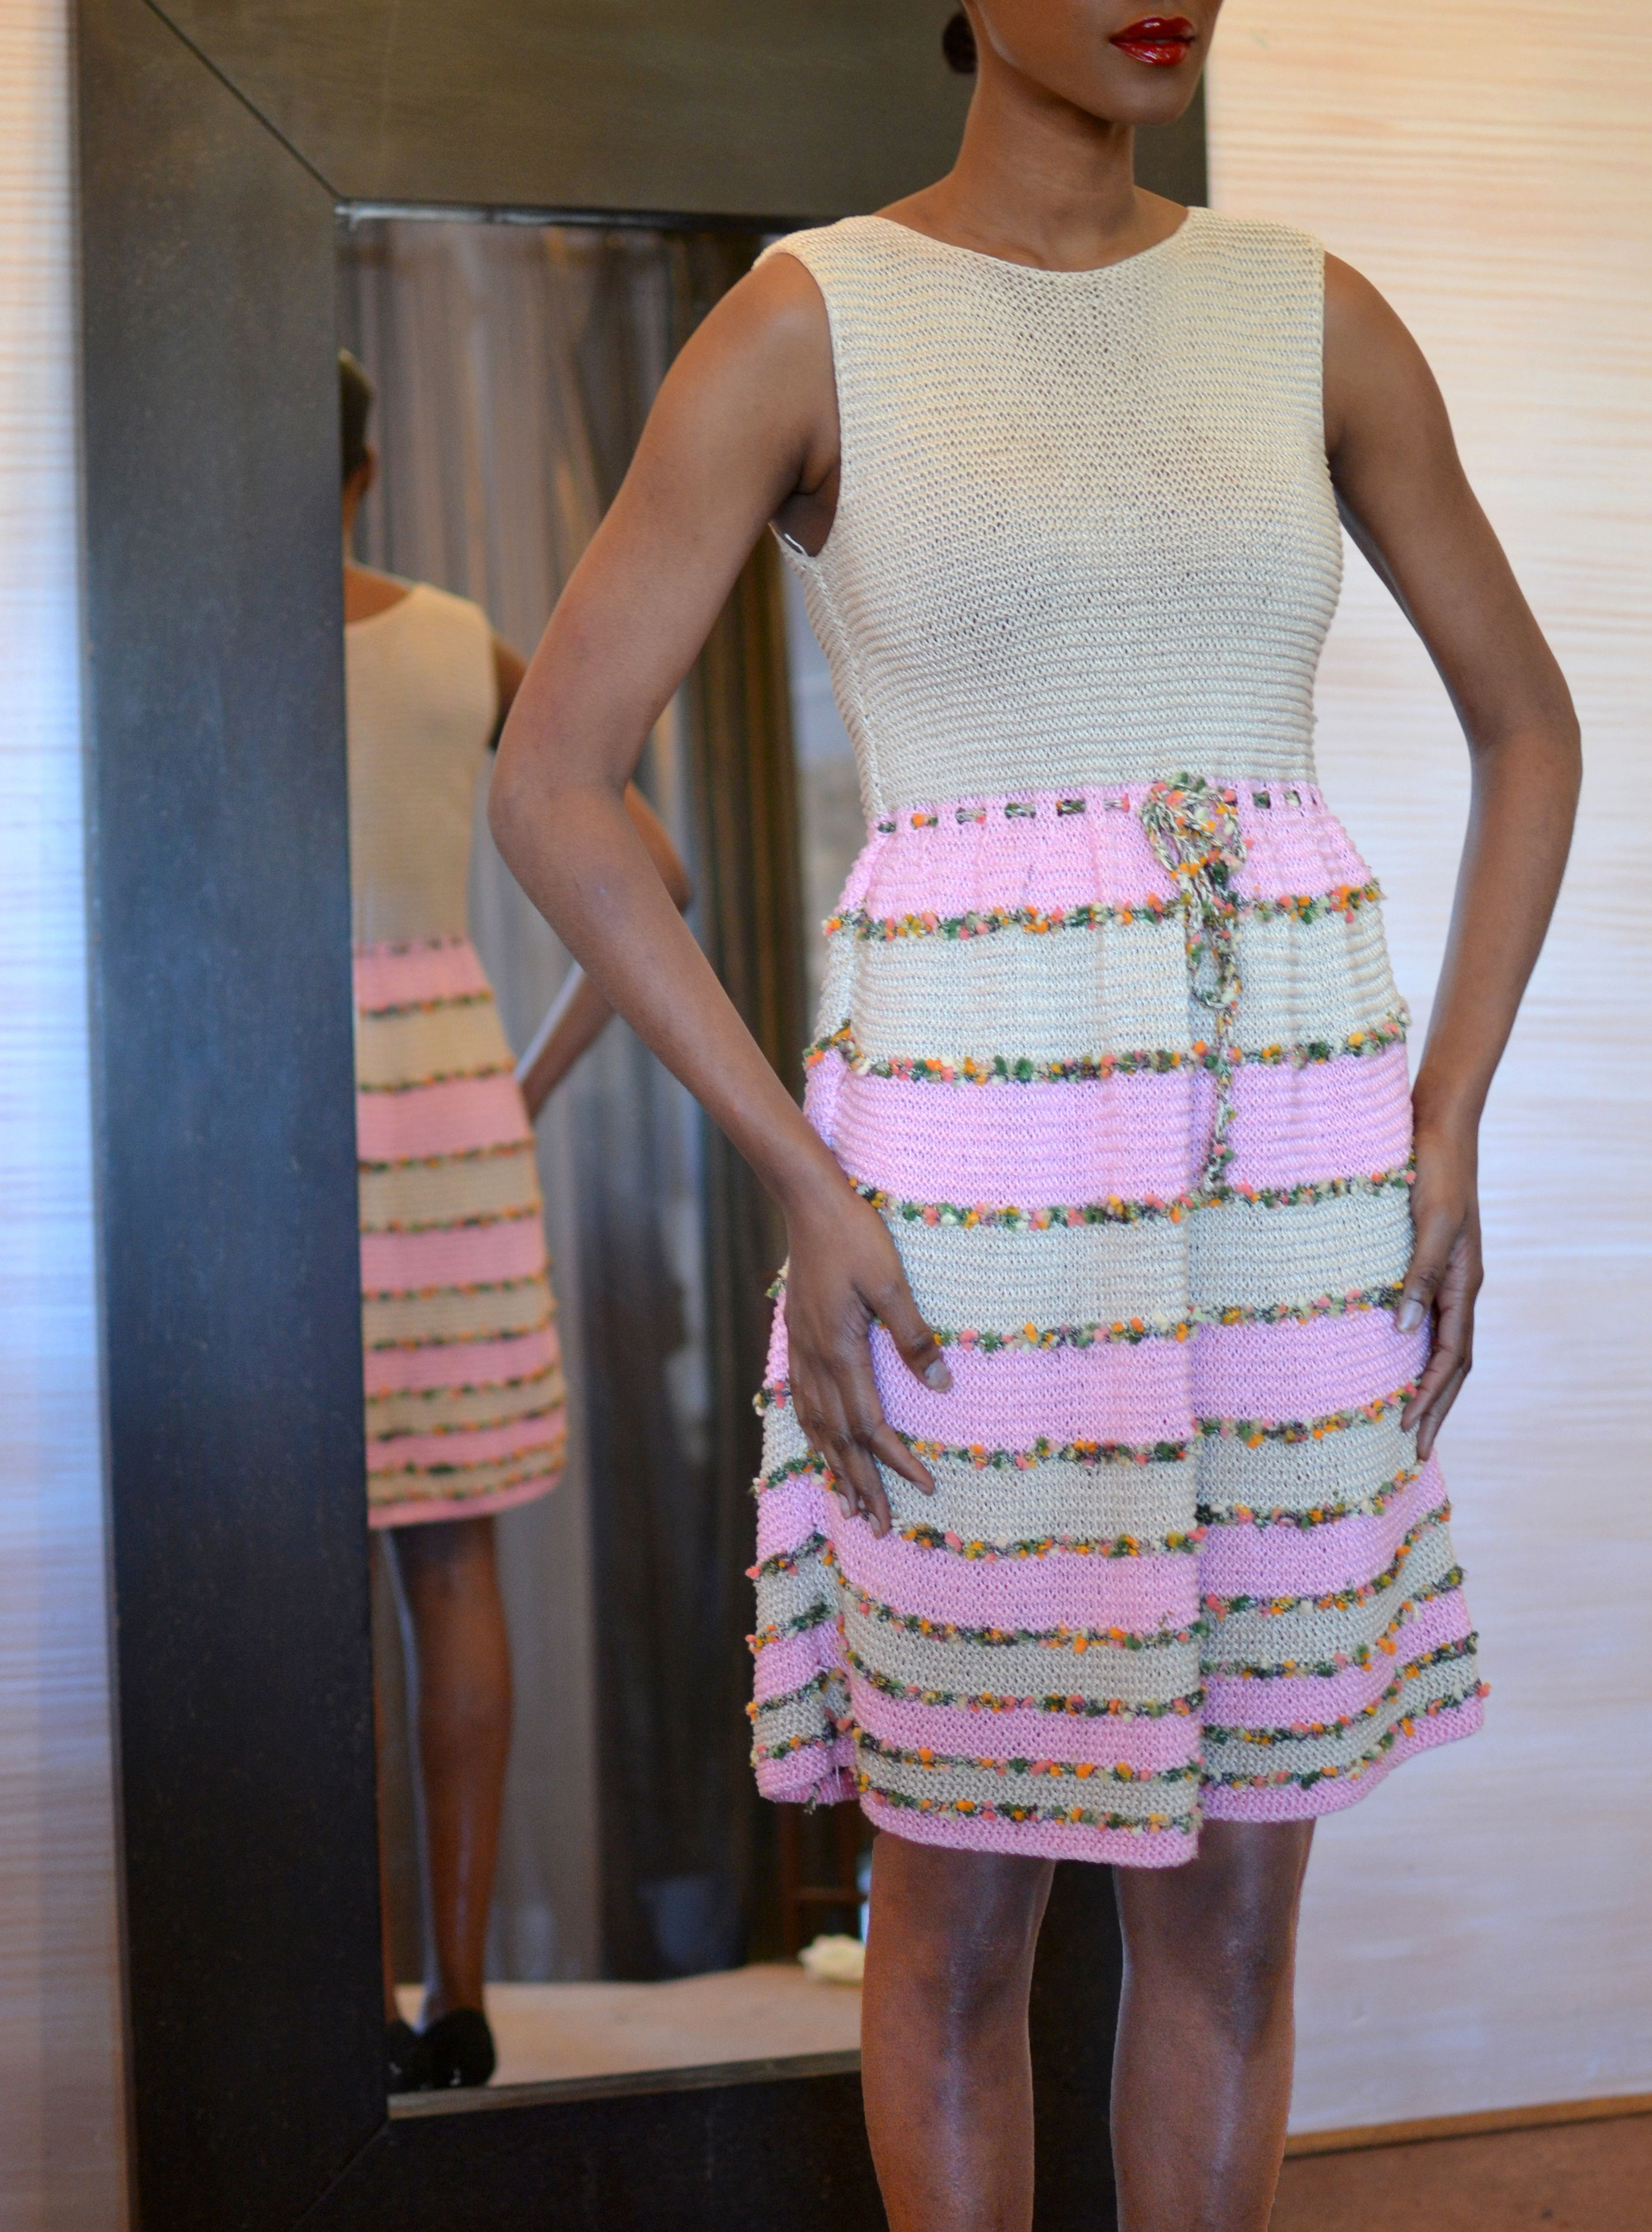 look 9 beigecarnationgarden knitted sleeveless dress